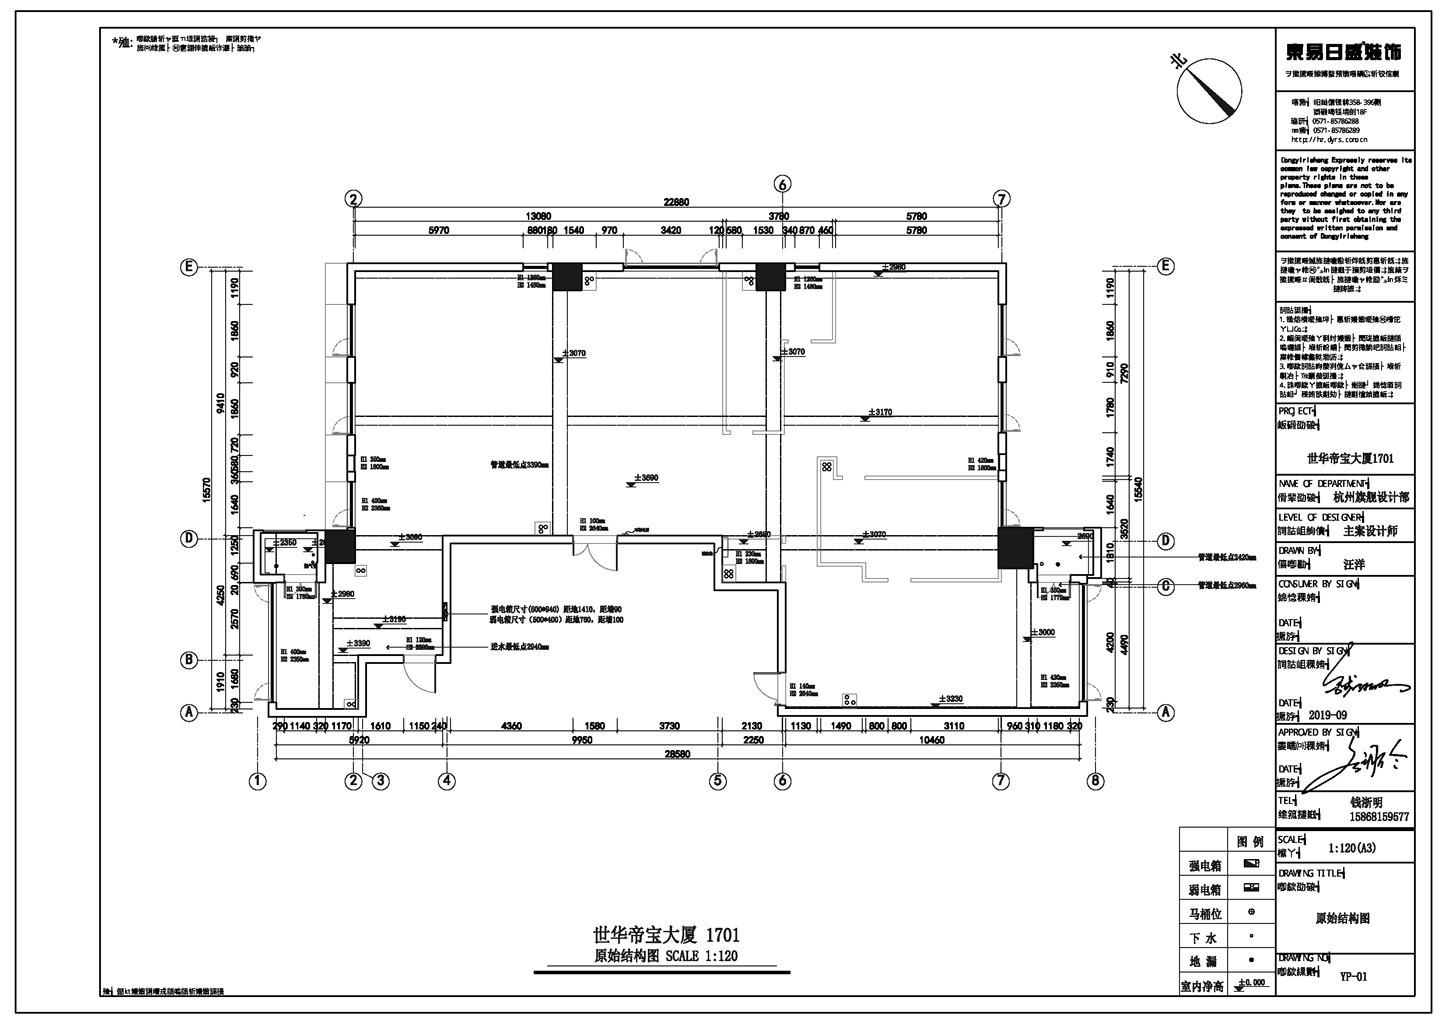 世华帝宝大厦新中式轻奢风格350㎡装修效果图装修设计理念